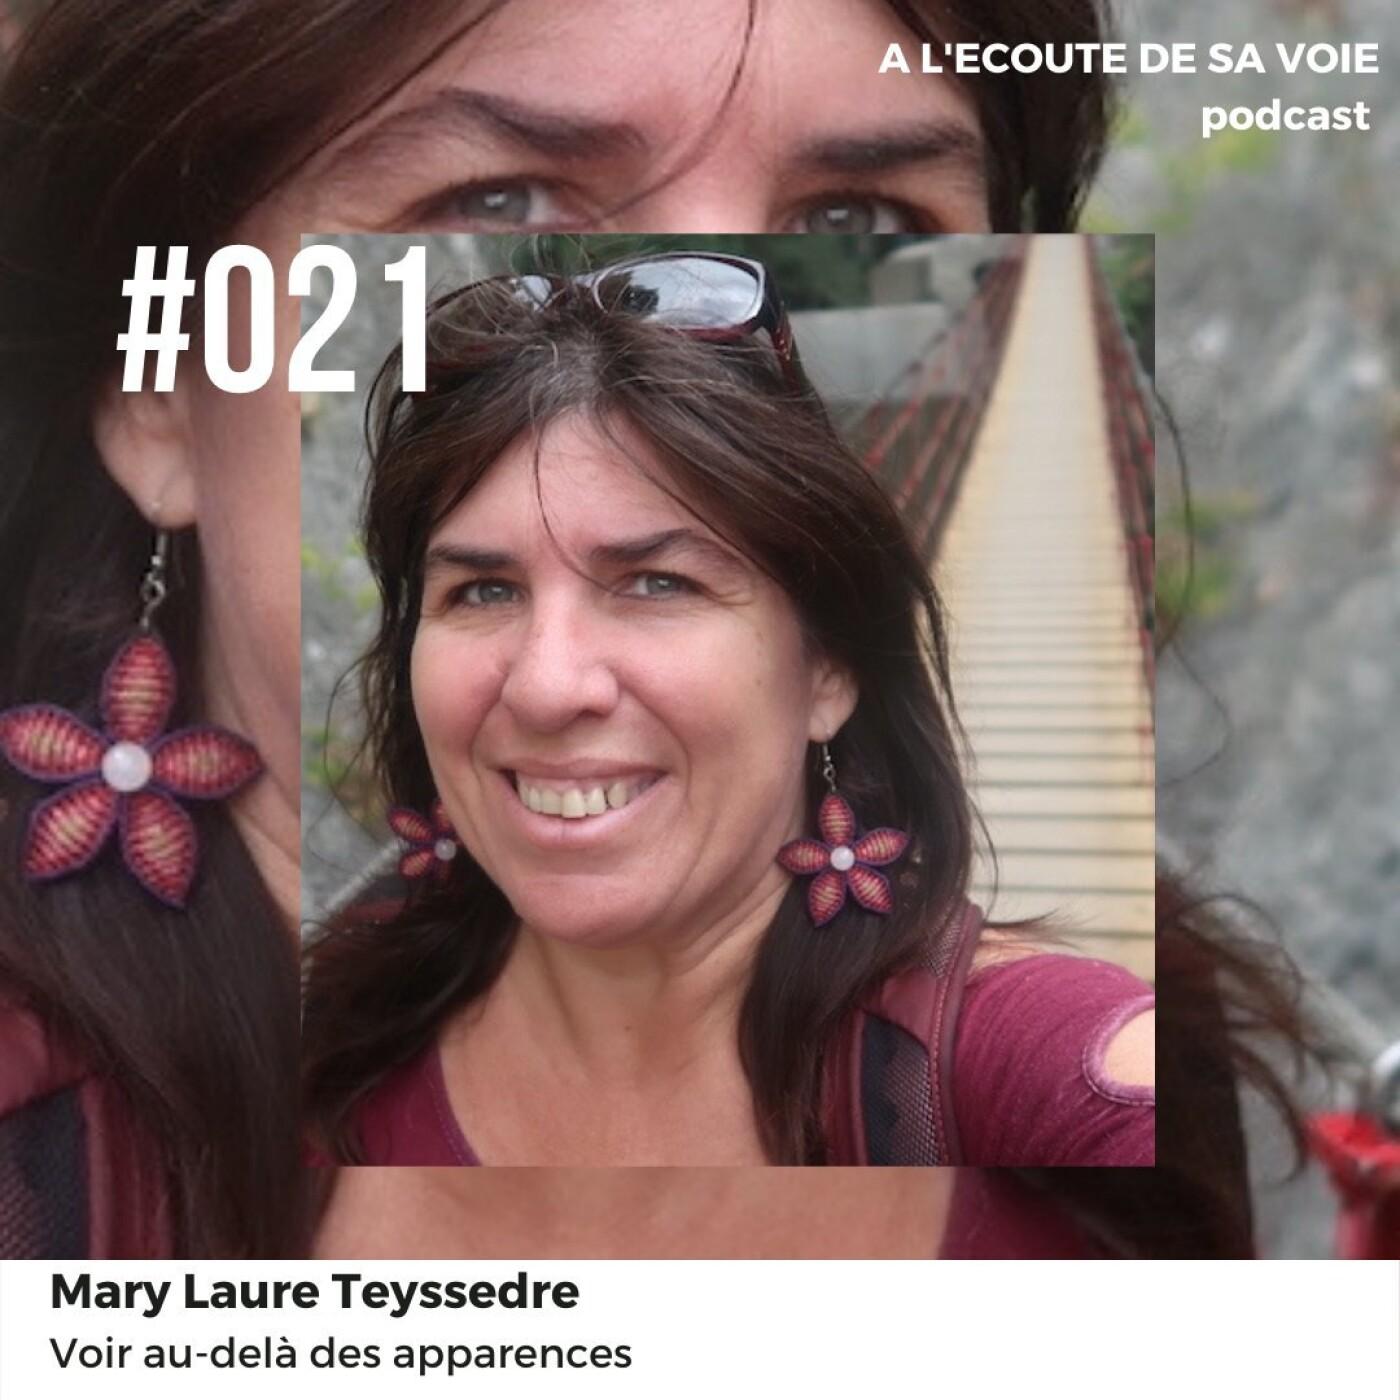 #021 Mary Laure Teyssedre - Voir au-delà des apparences